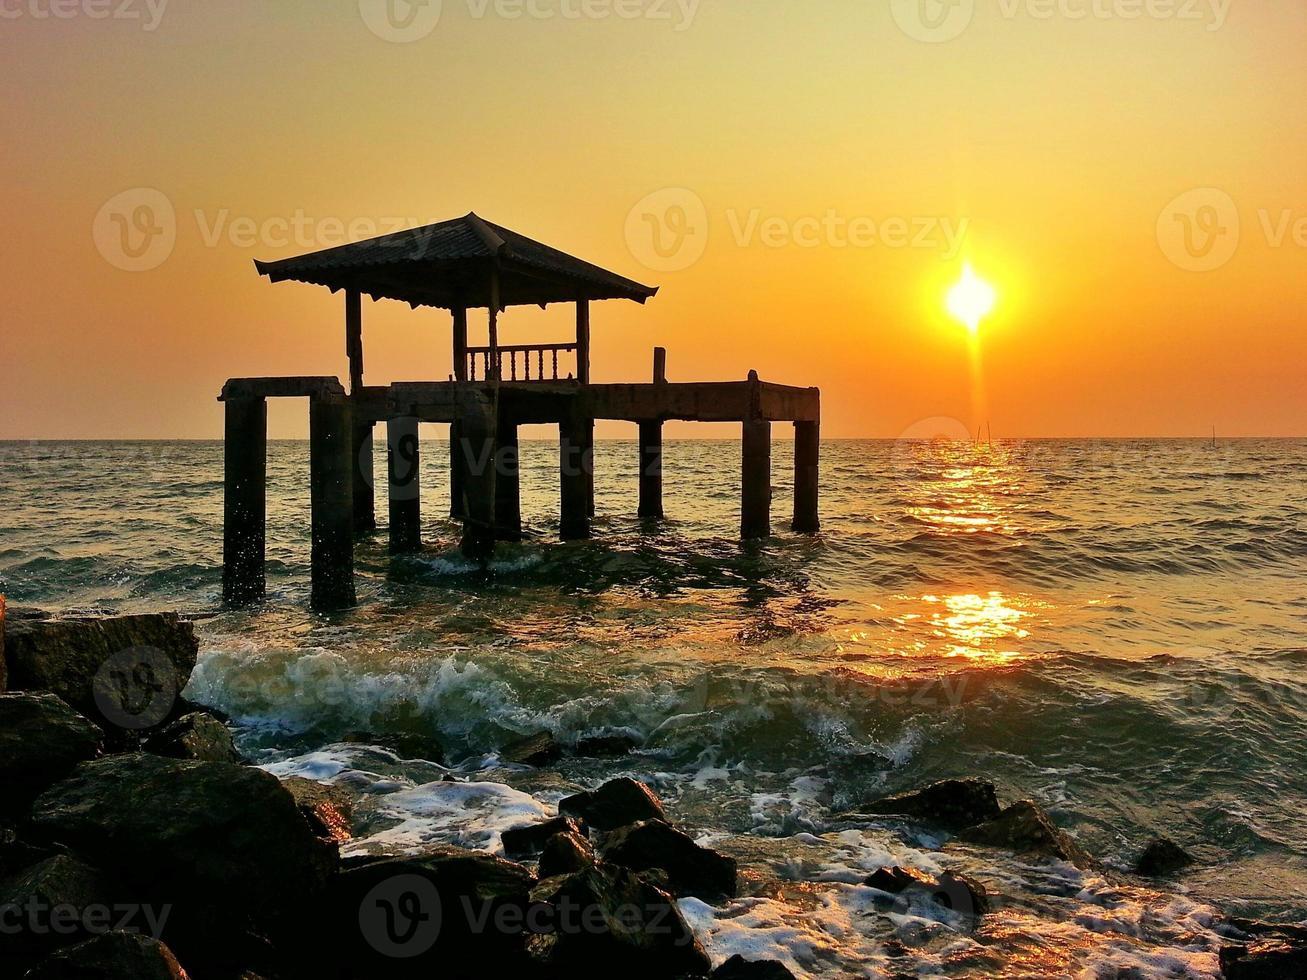 el pabellón a orillas del mar foto